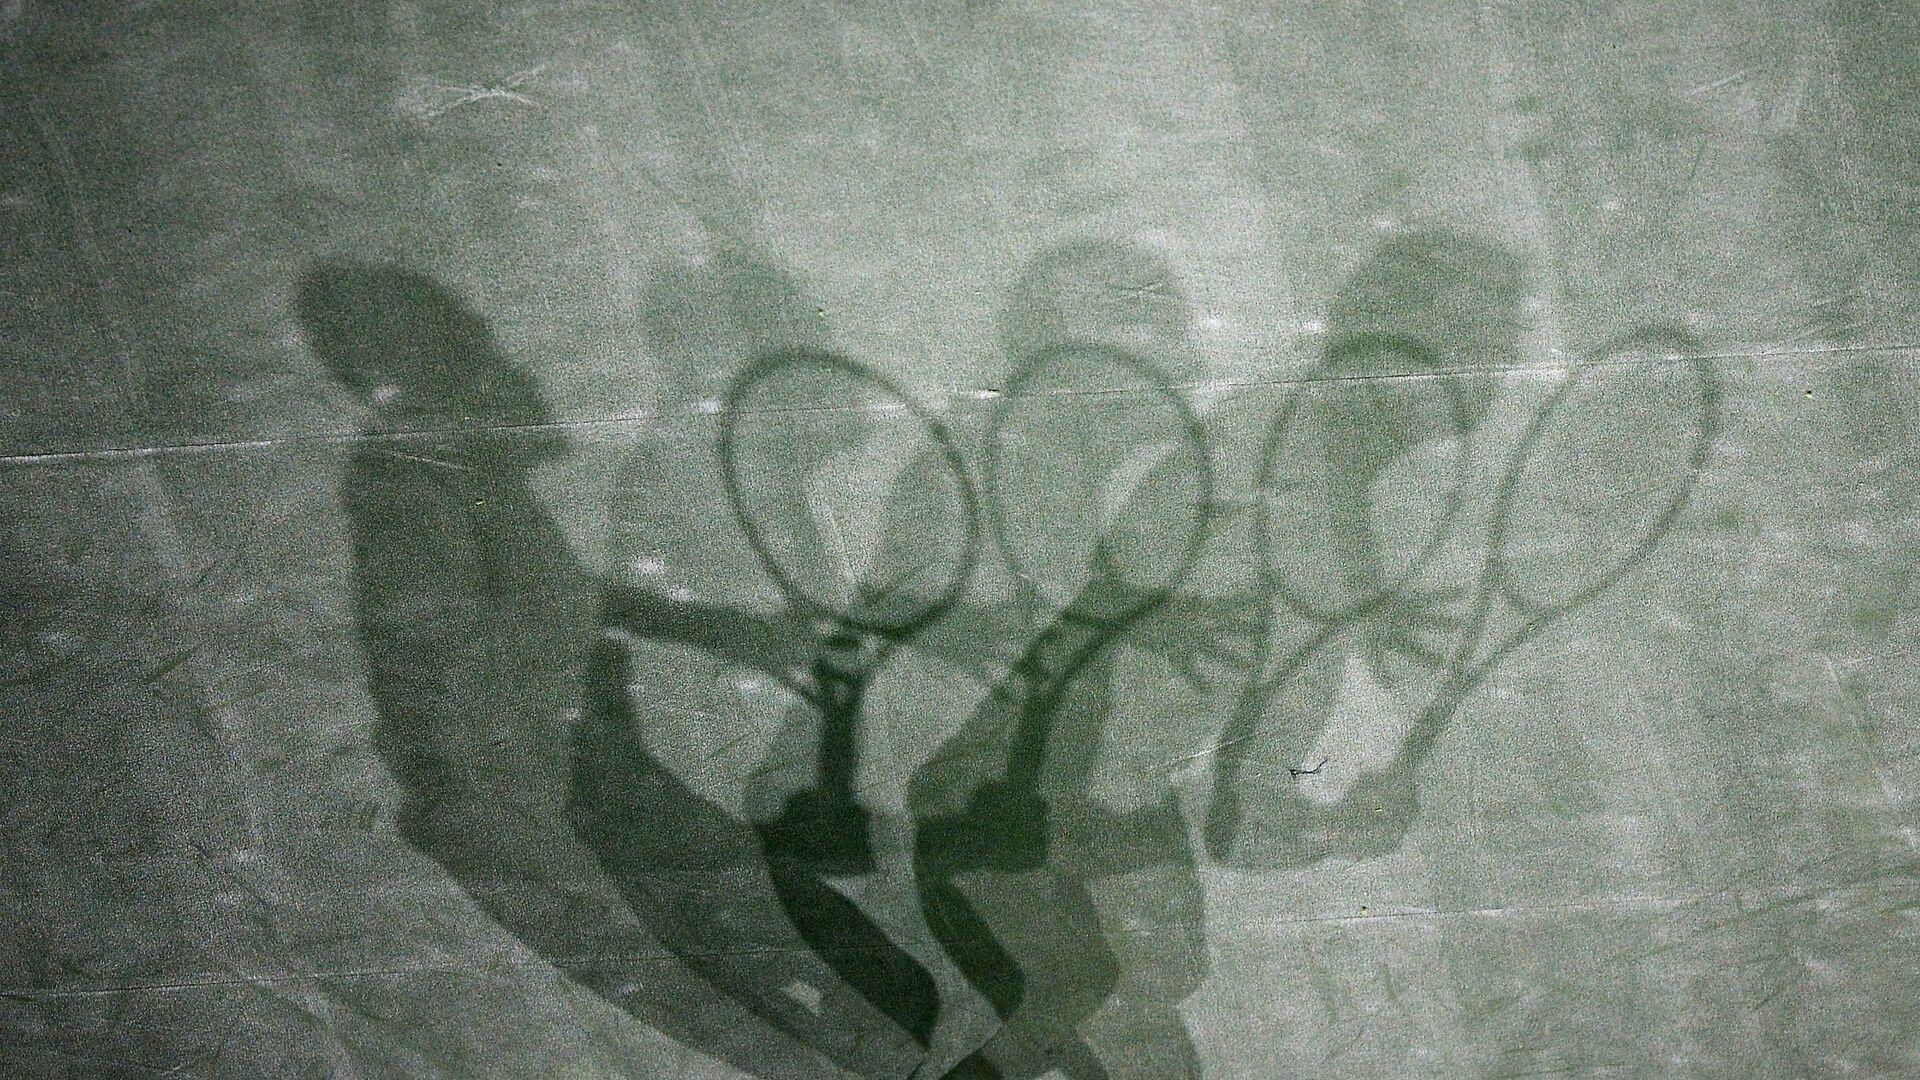 Большой теннис - РИА Новости, 1920, 10.10.2020